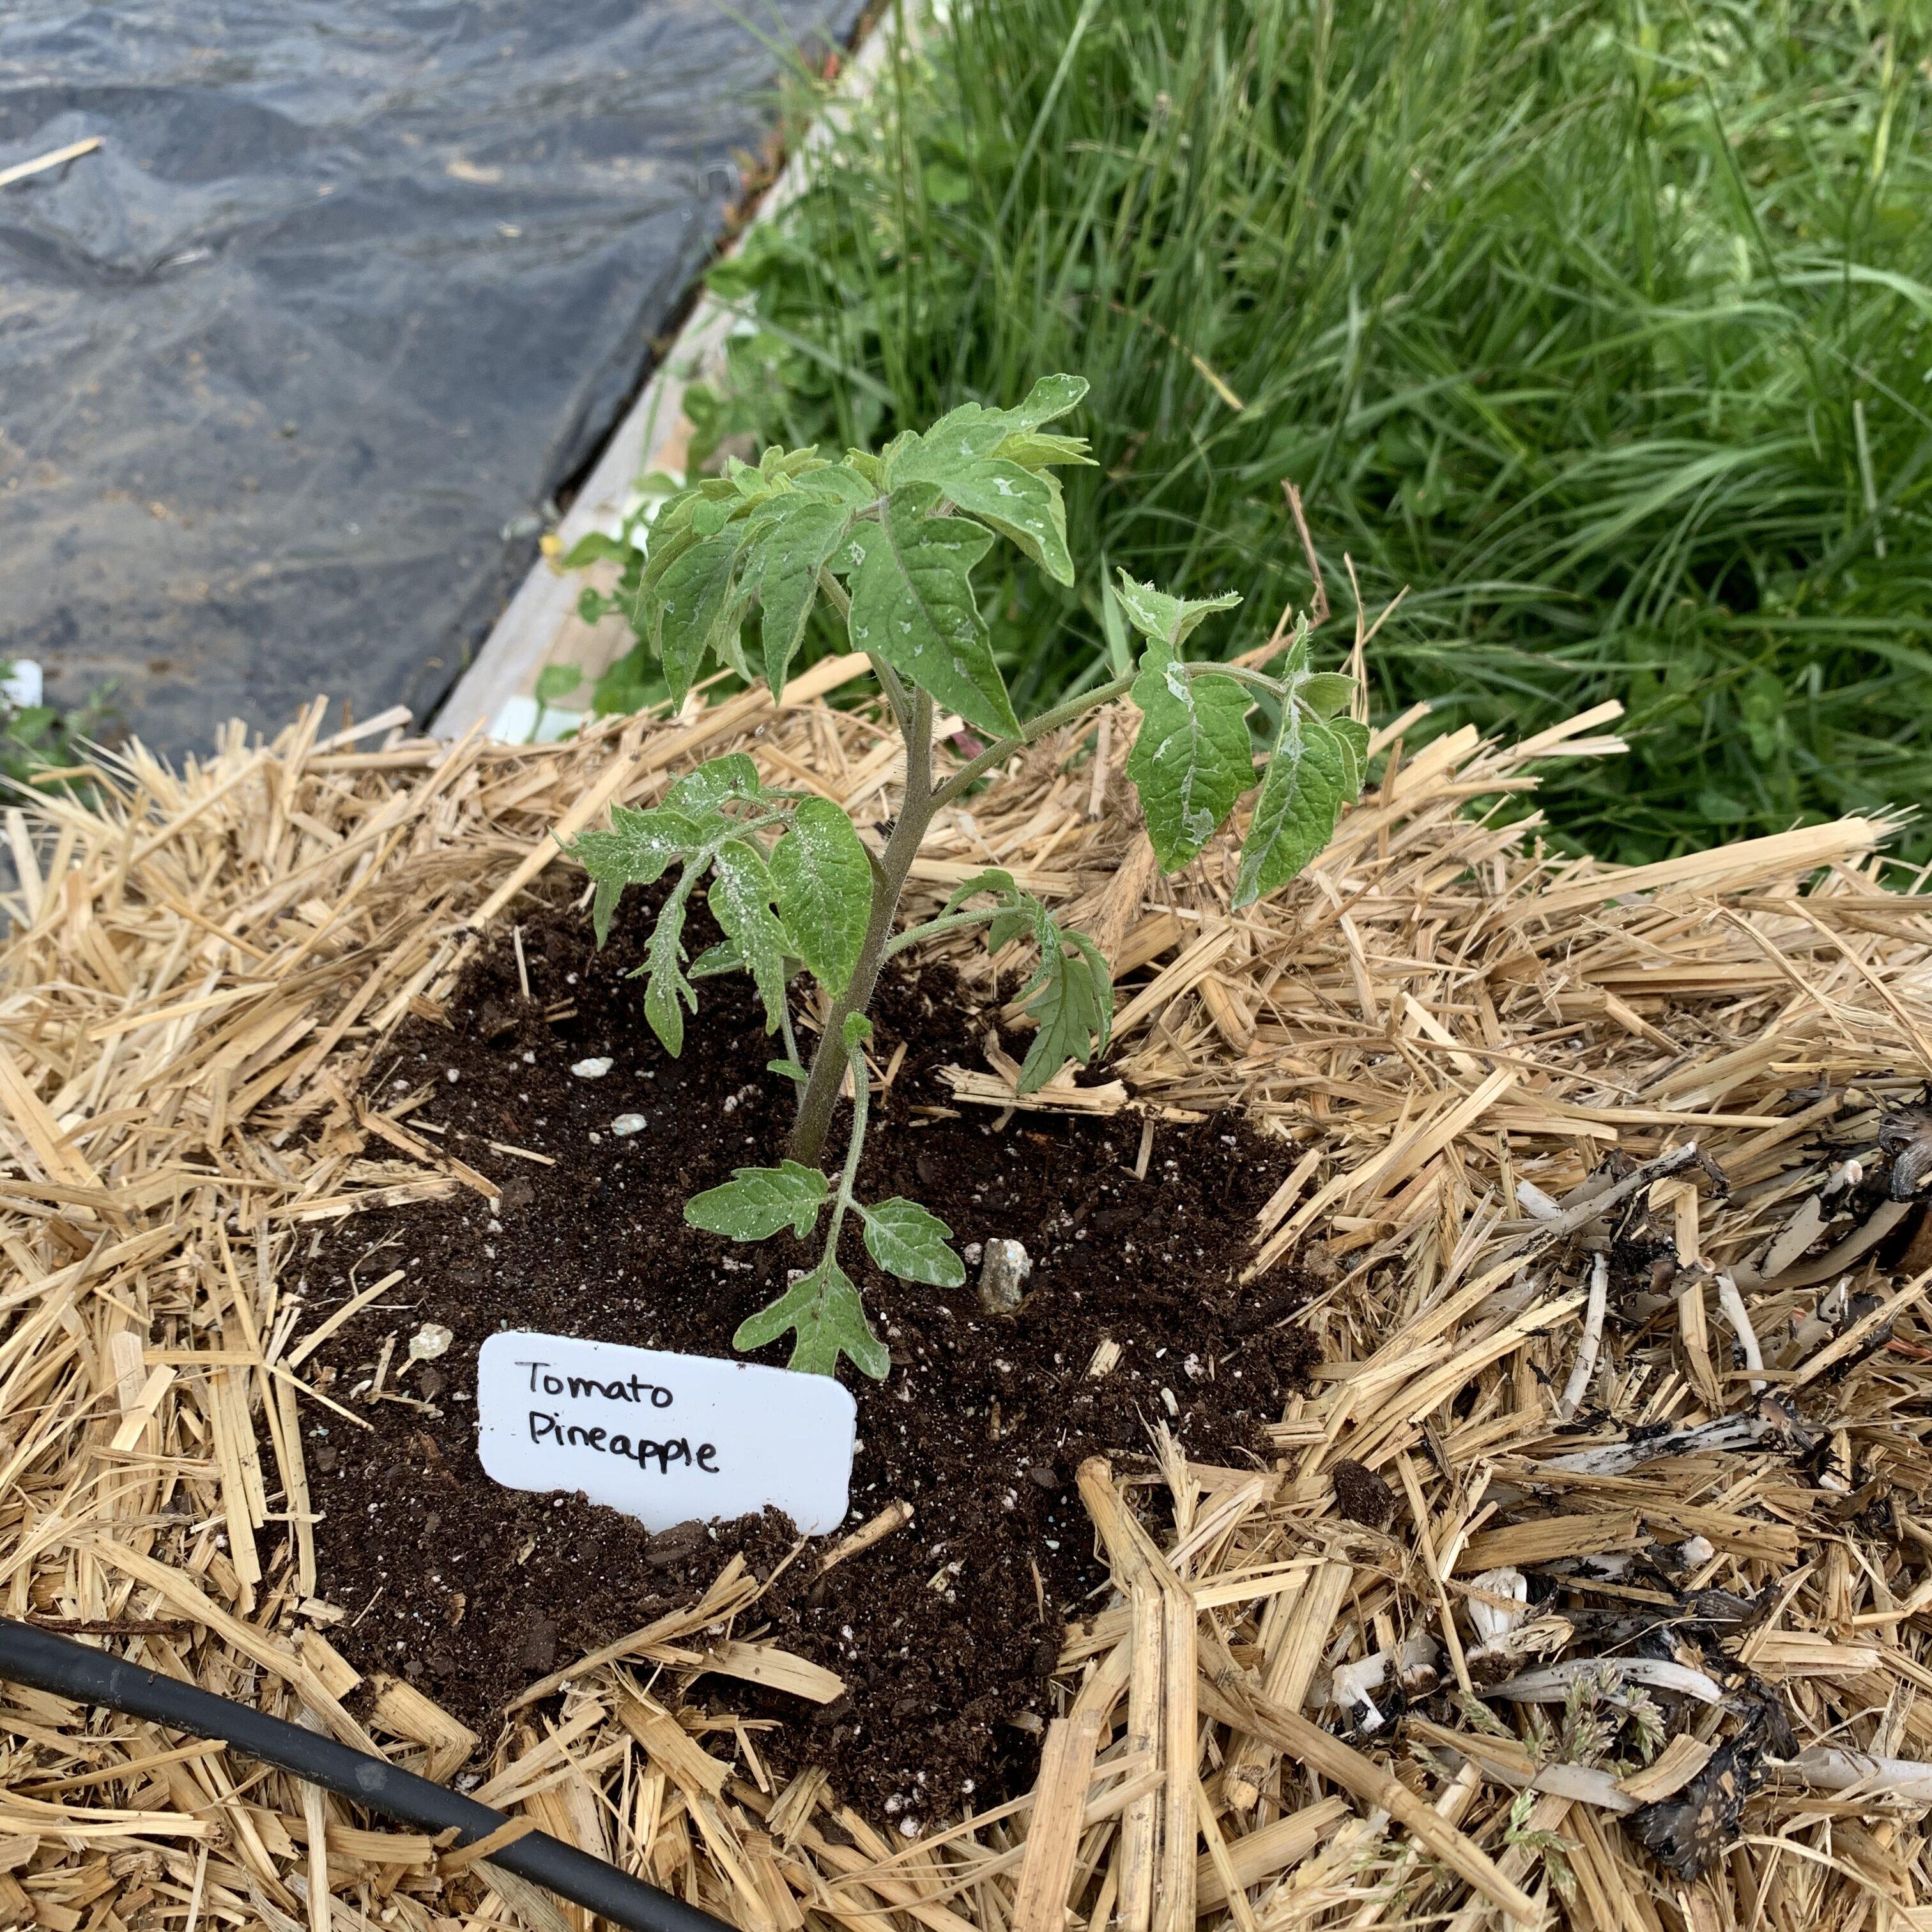 9A18E073 0988 4020 872F 26171139815F Tomato planting day!